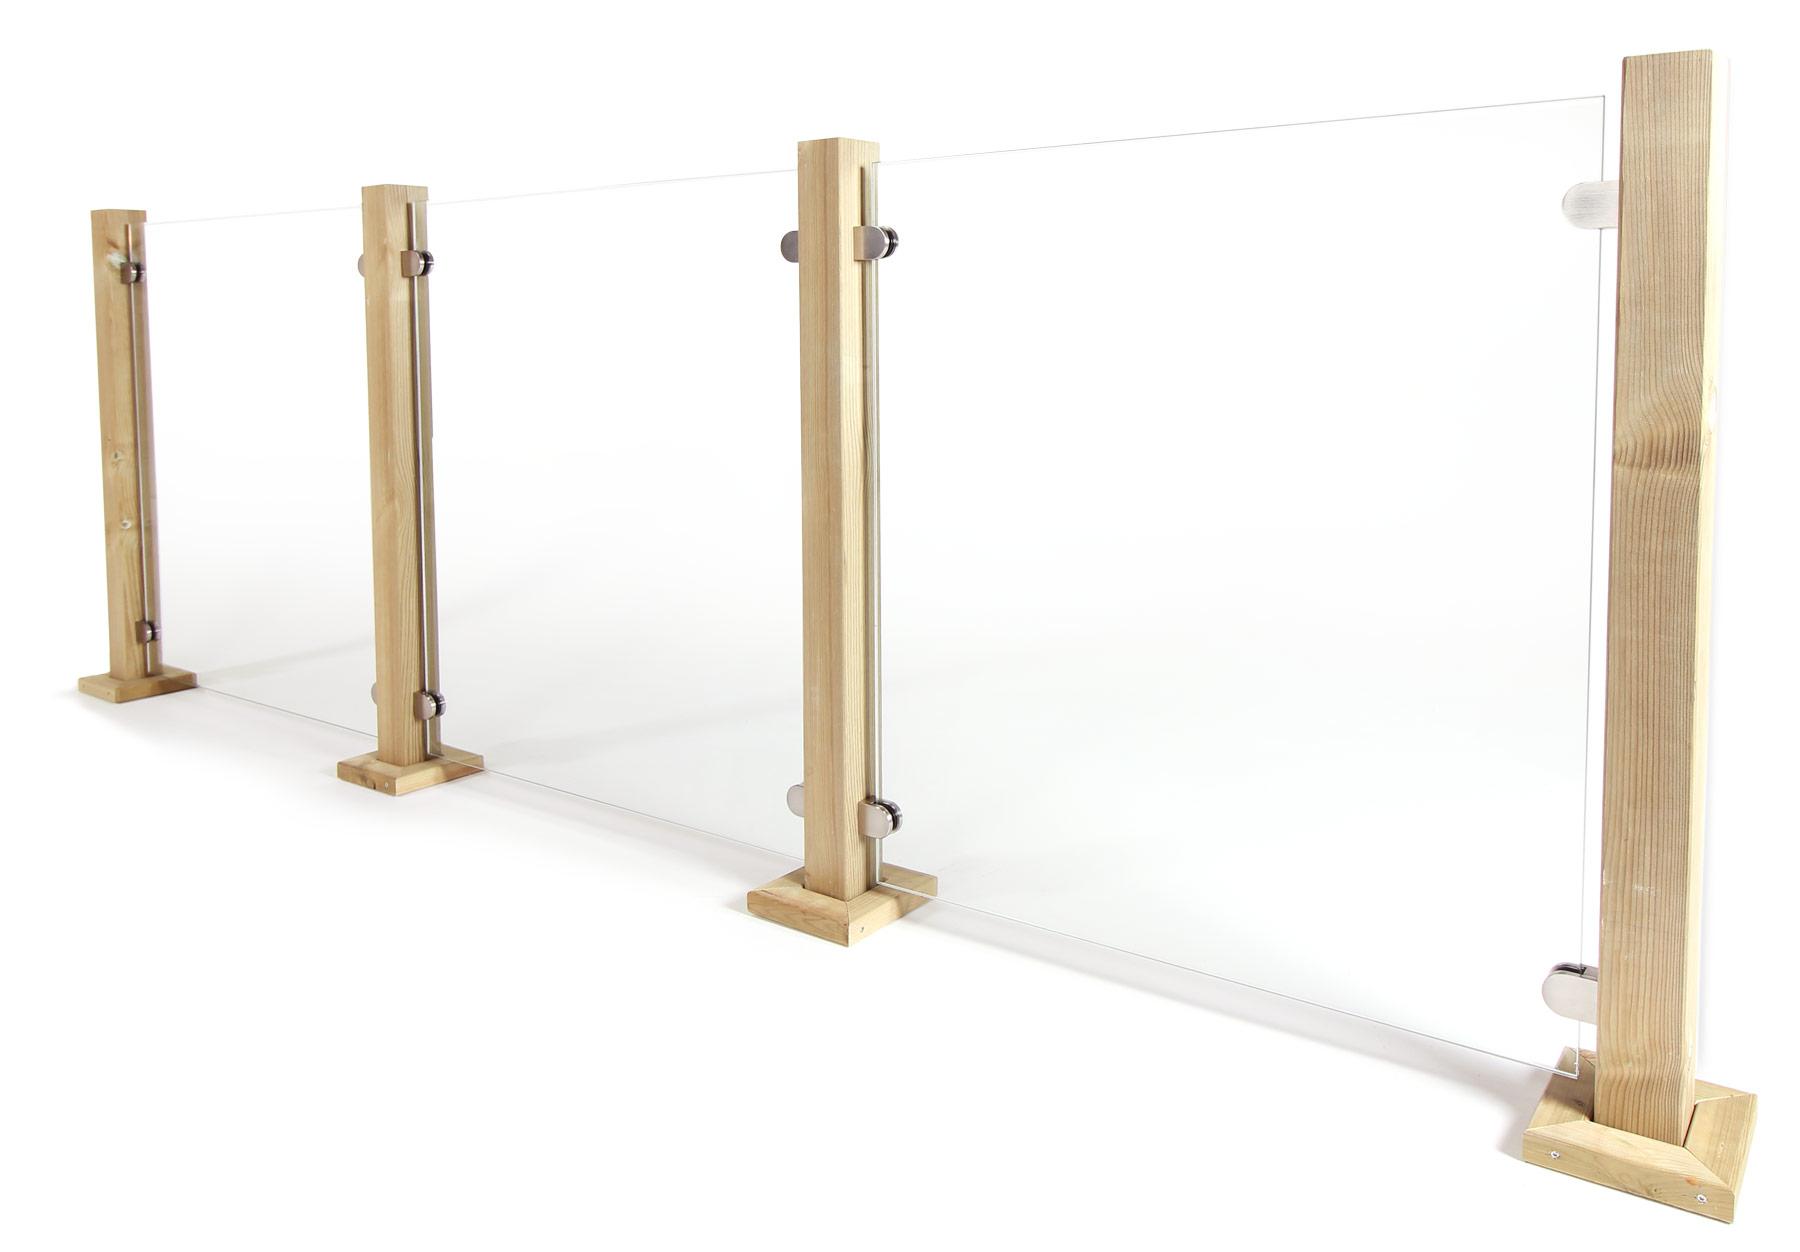 Glasscheiben Und Klemmhalter In Vielen Varianten Geländerladenat